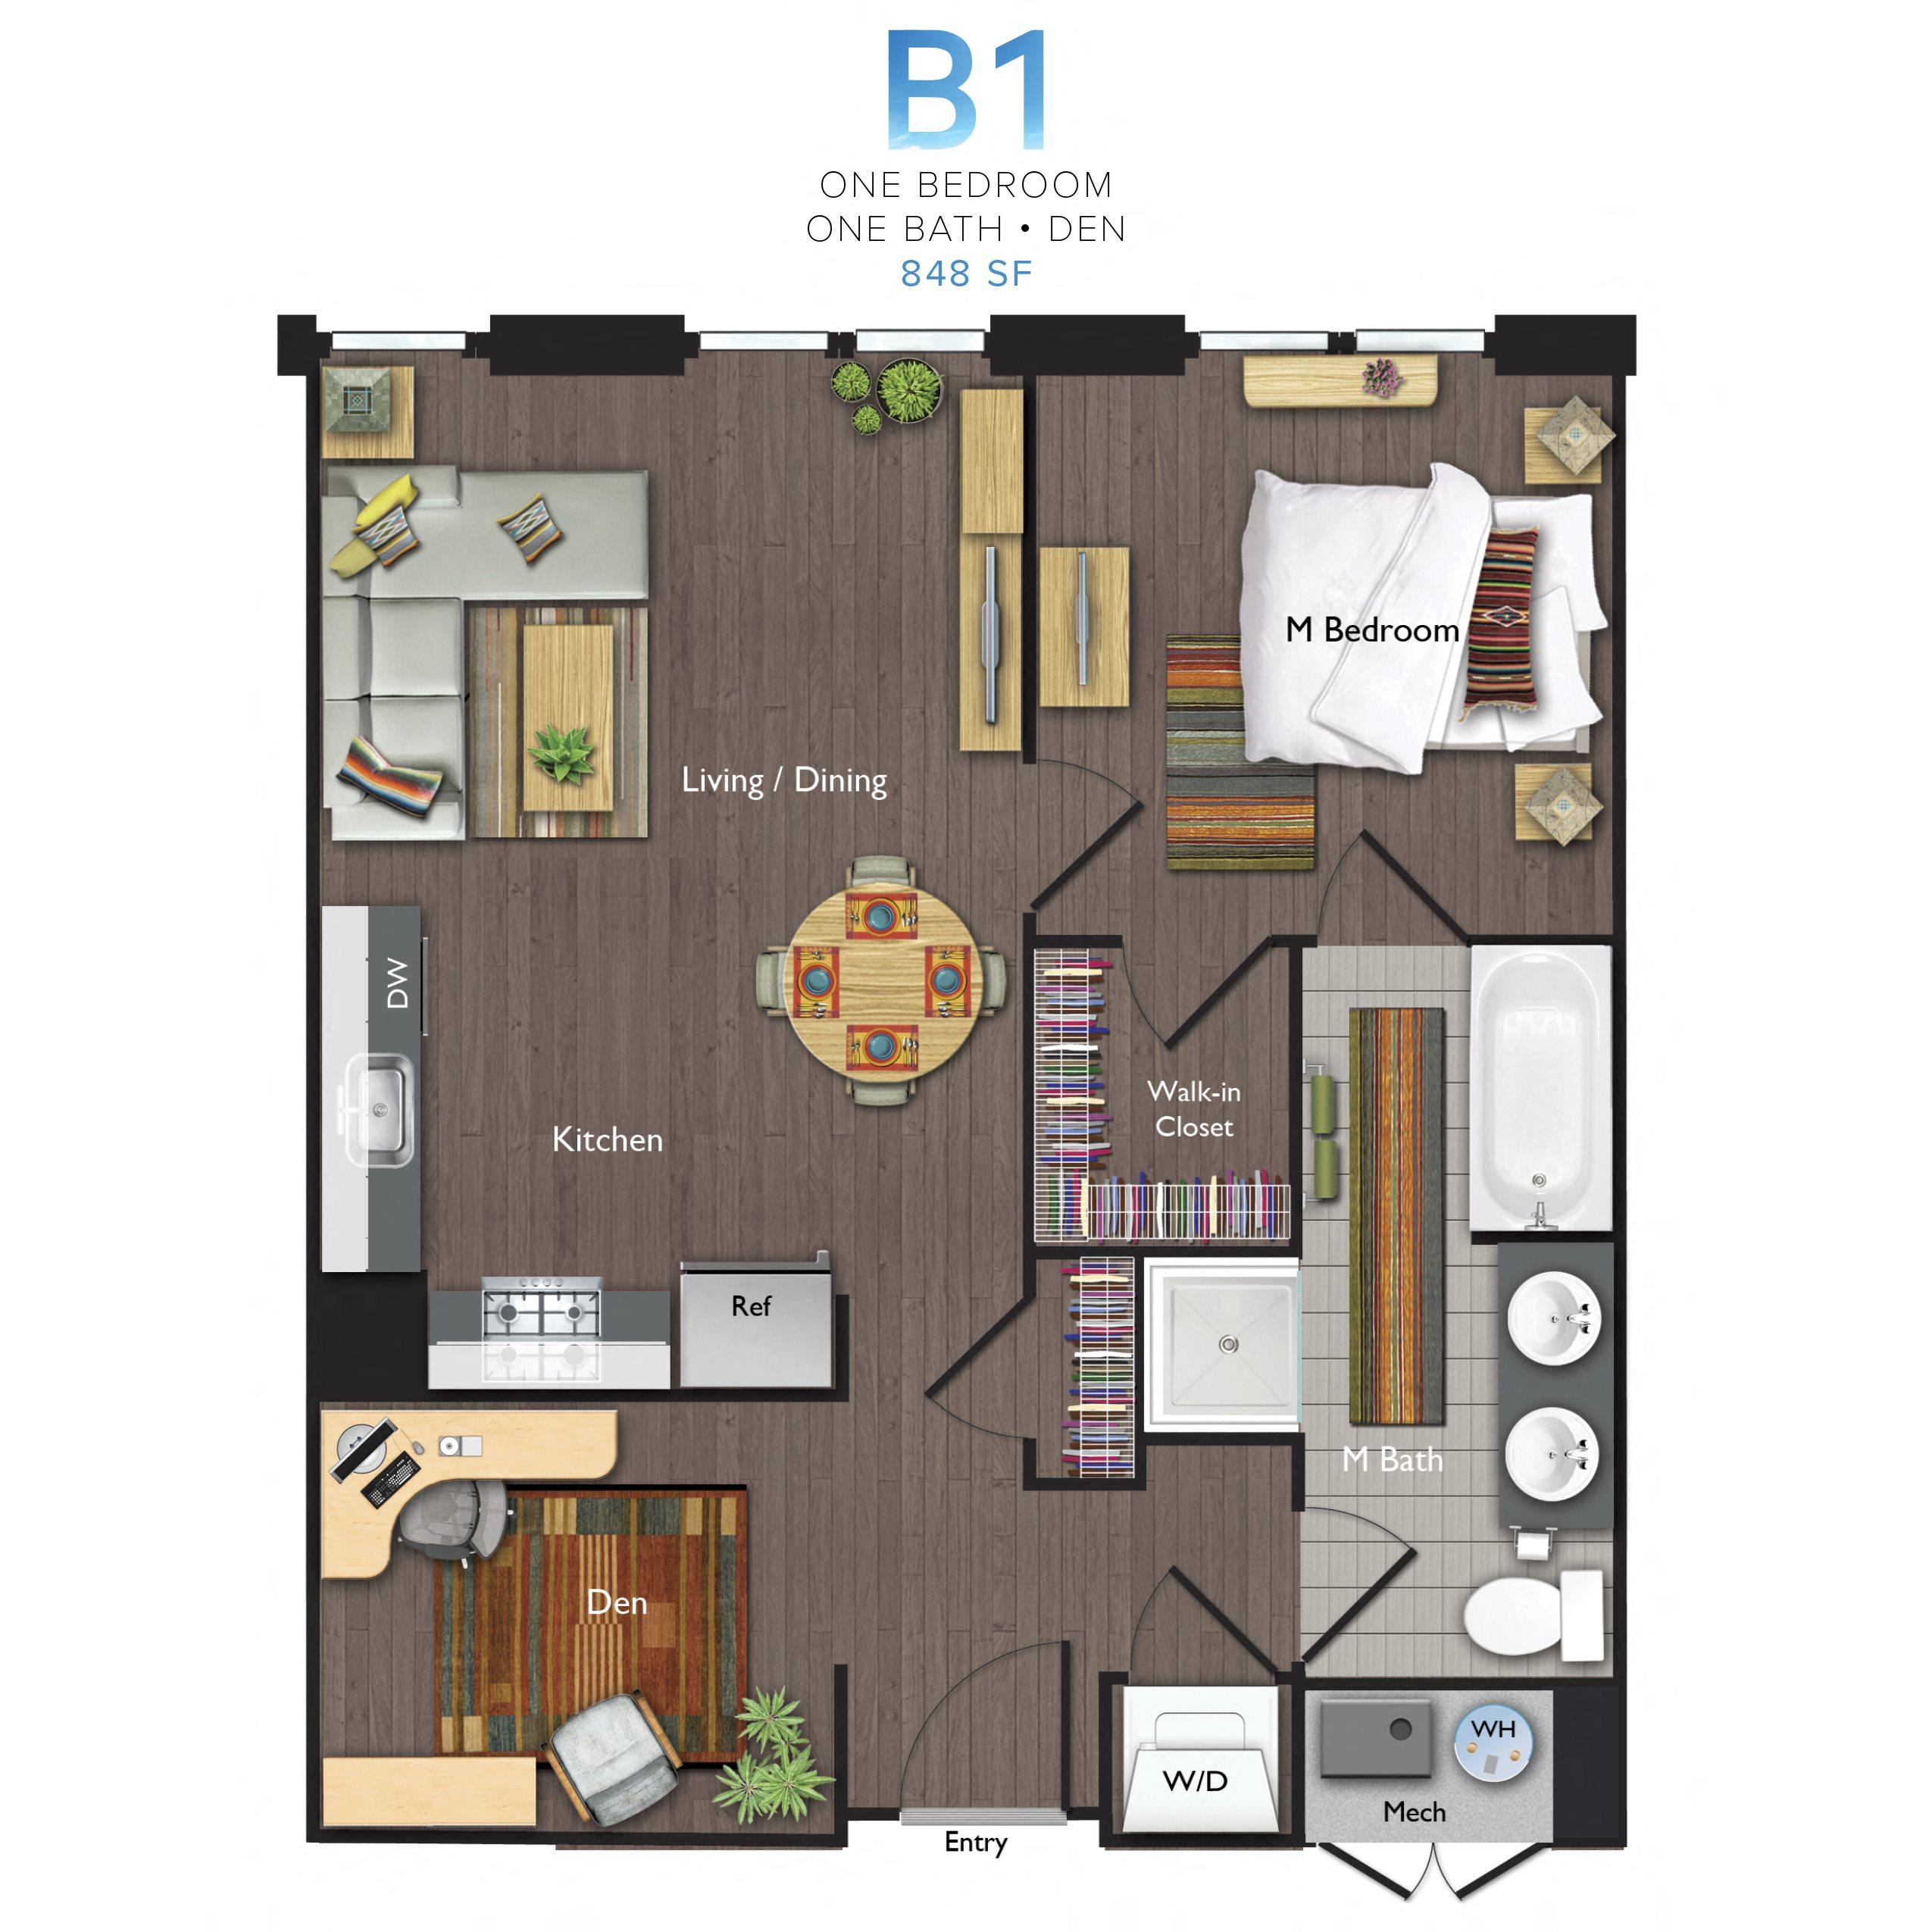 One Bedroom/One Bathroom with Den (B01) Floor Plan 14